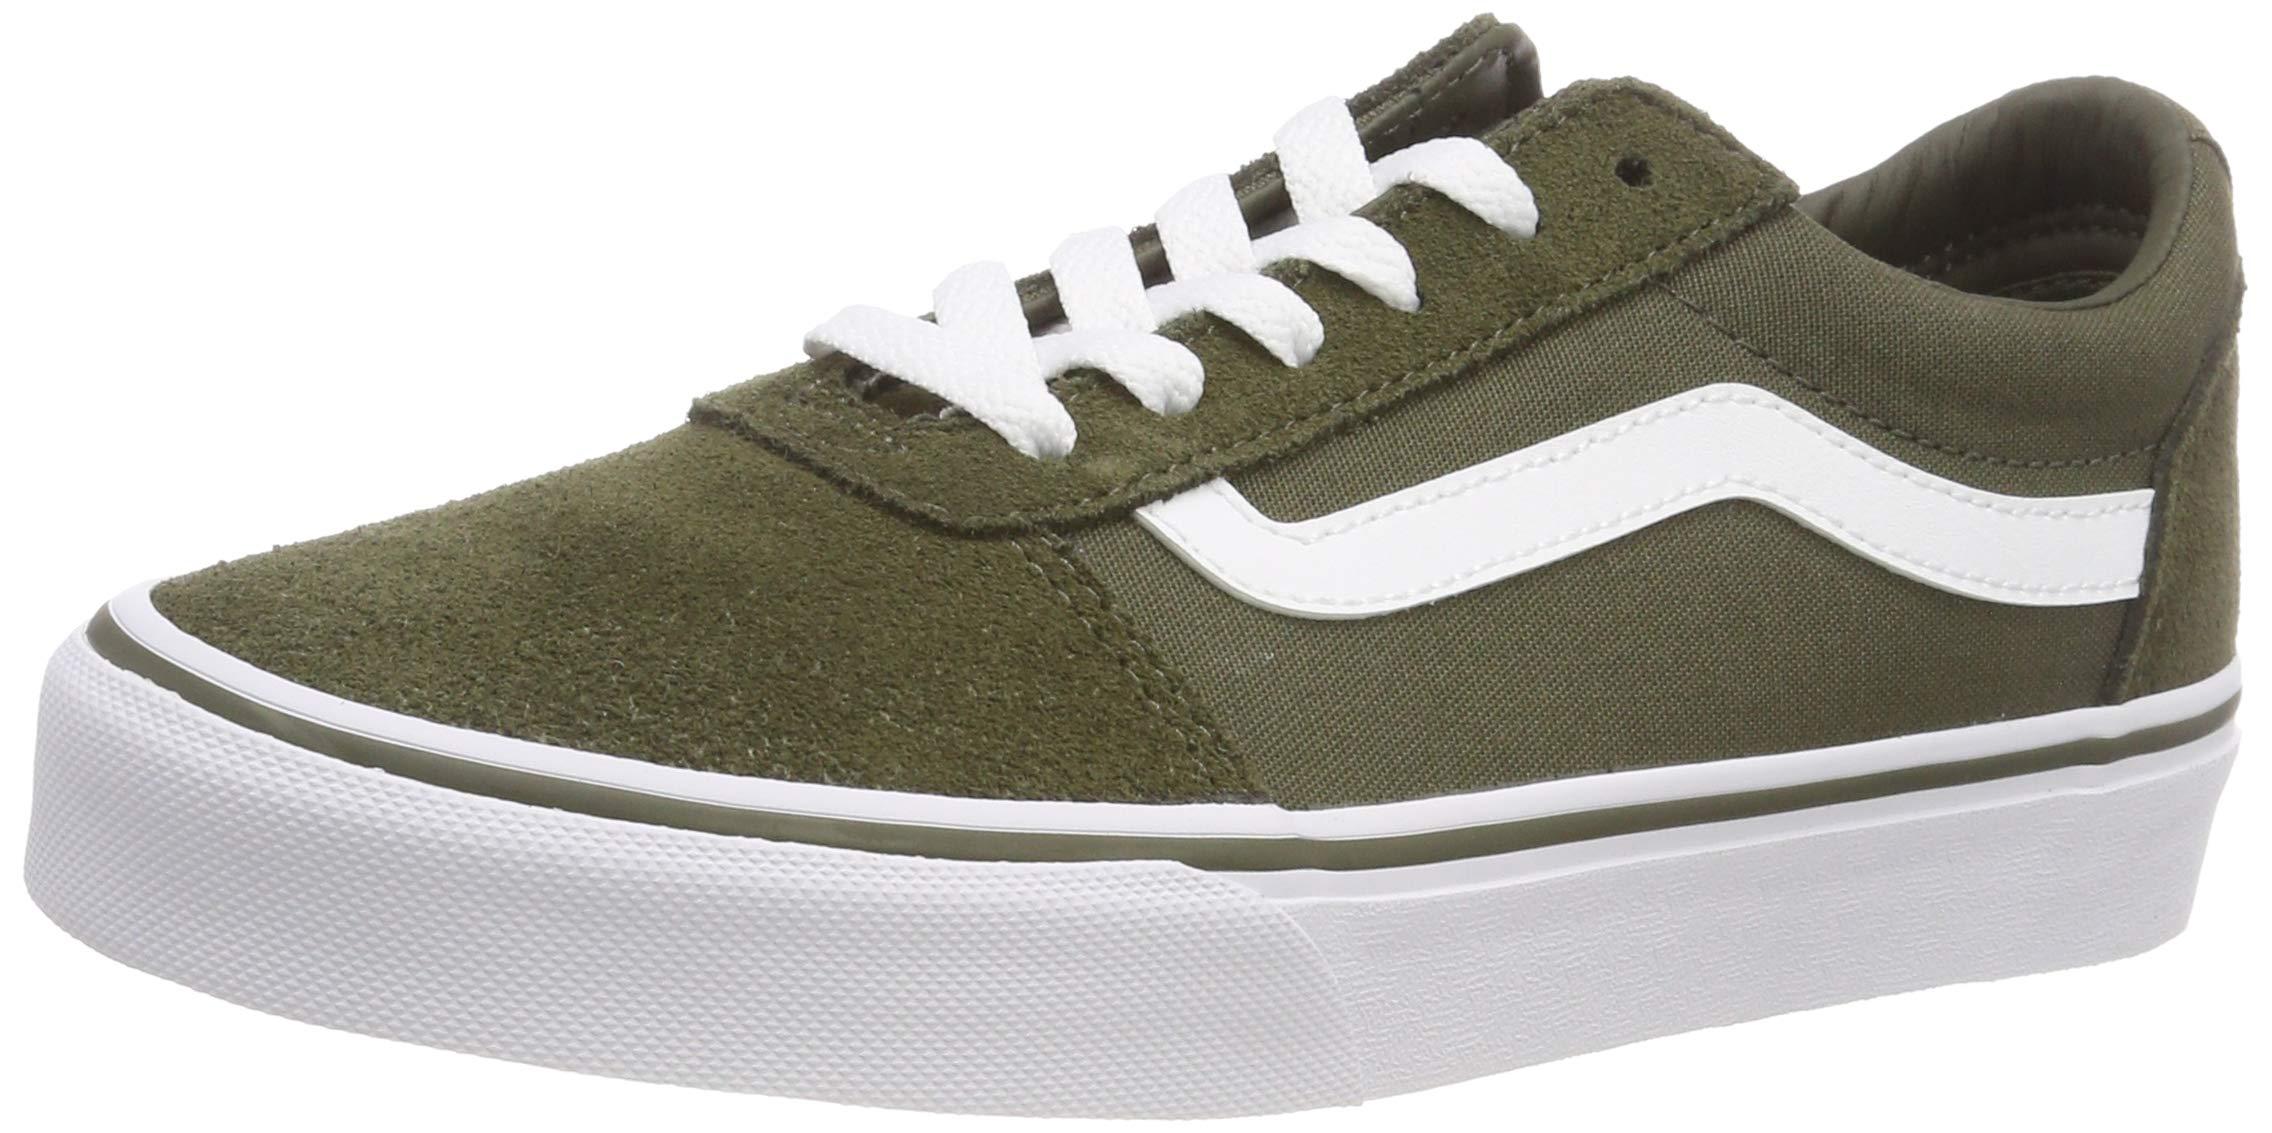 Vans Women's Ward Suede/Canvas Low-Top Sneakers - 71owdAxDKfL - Vans Women's Ward Suede/Canvas Low-Top Sneakers